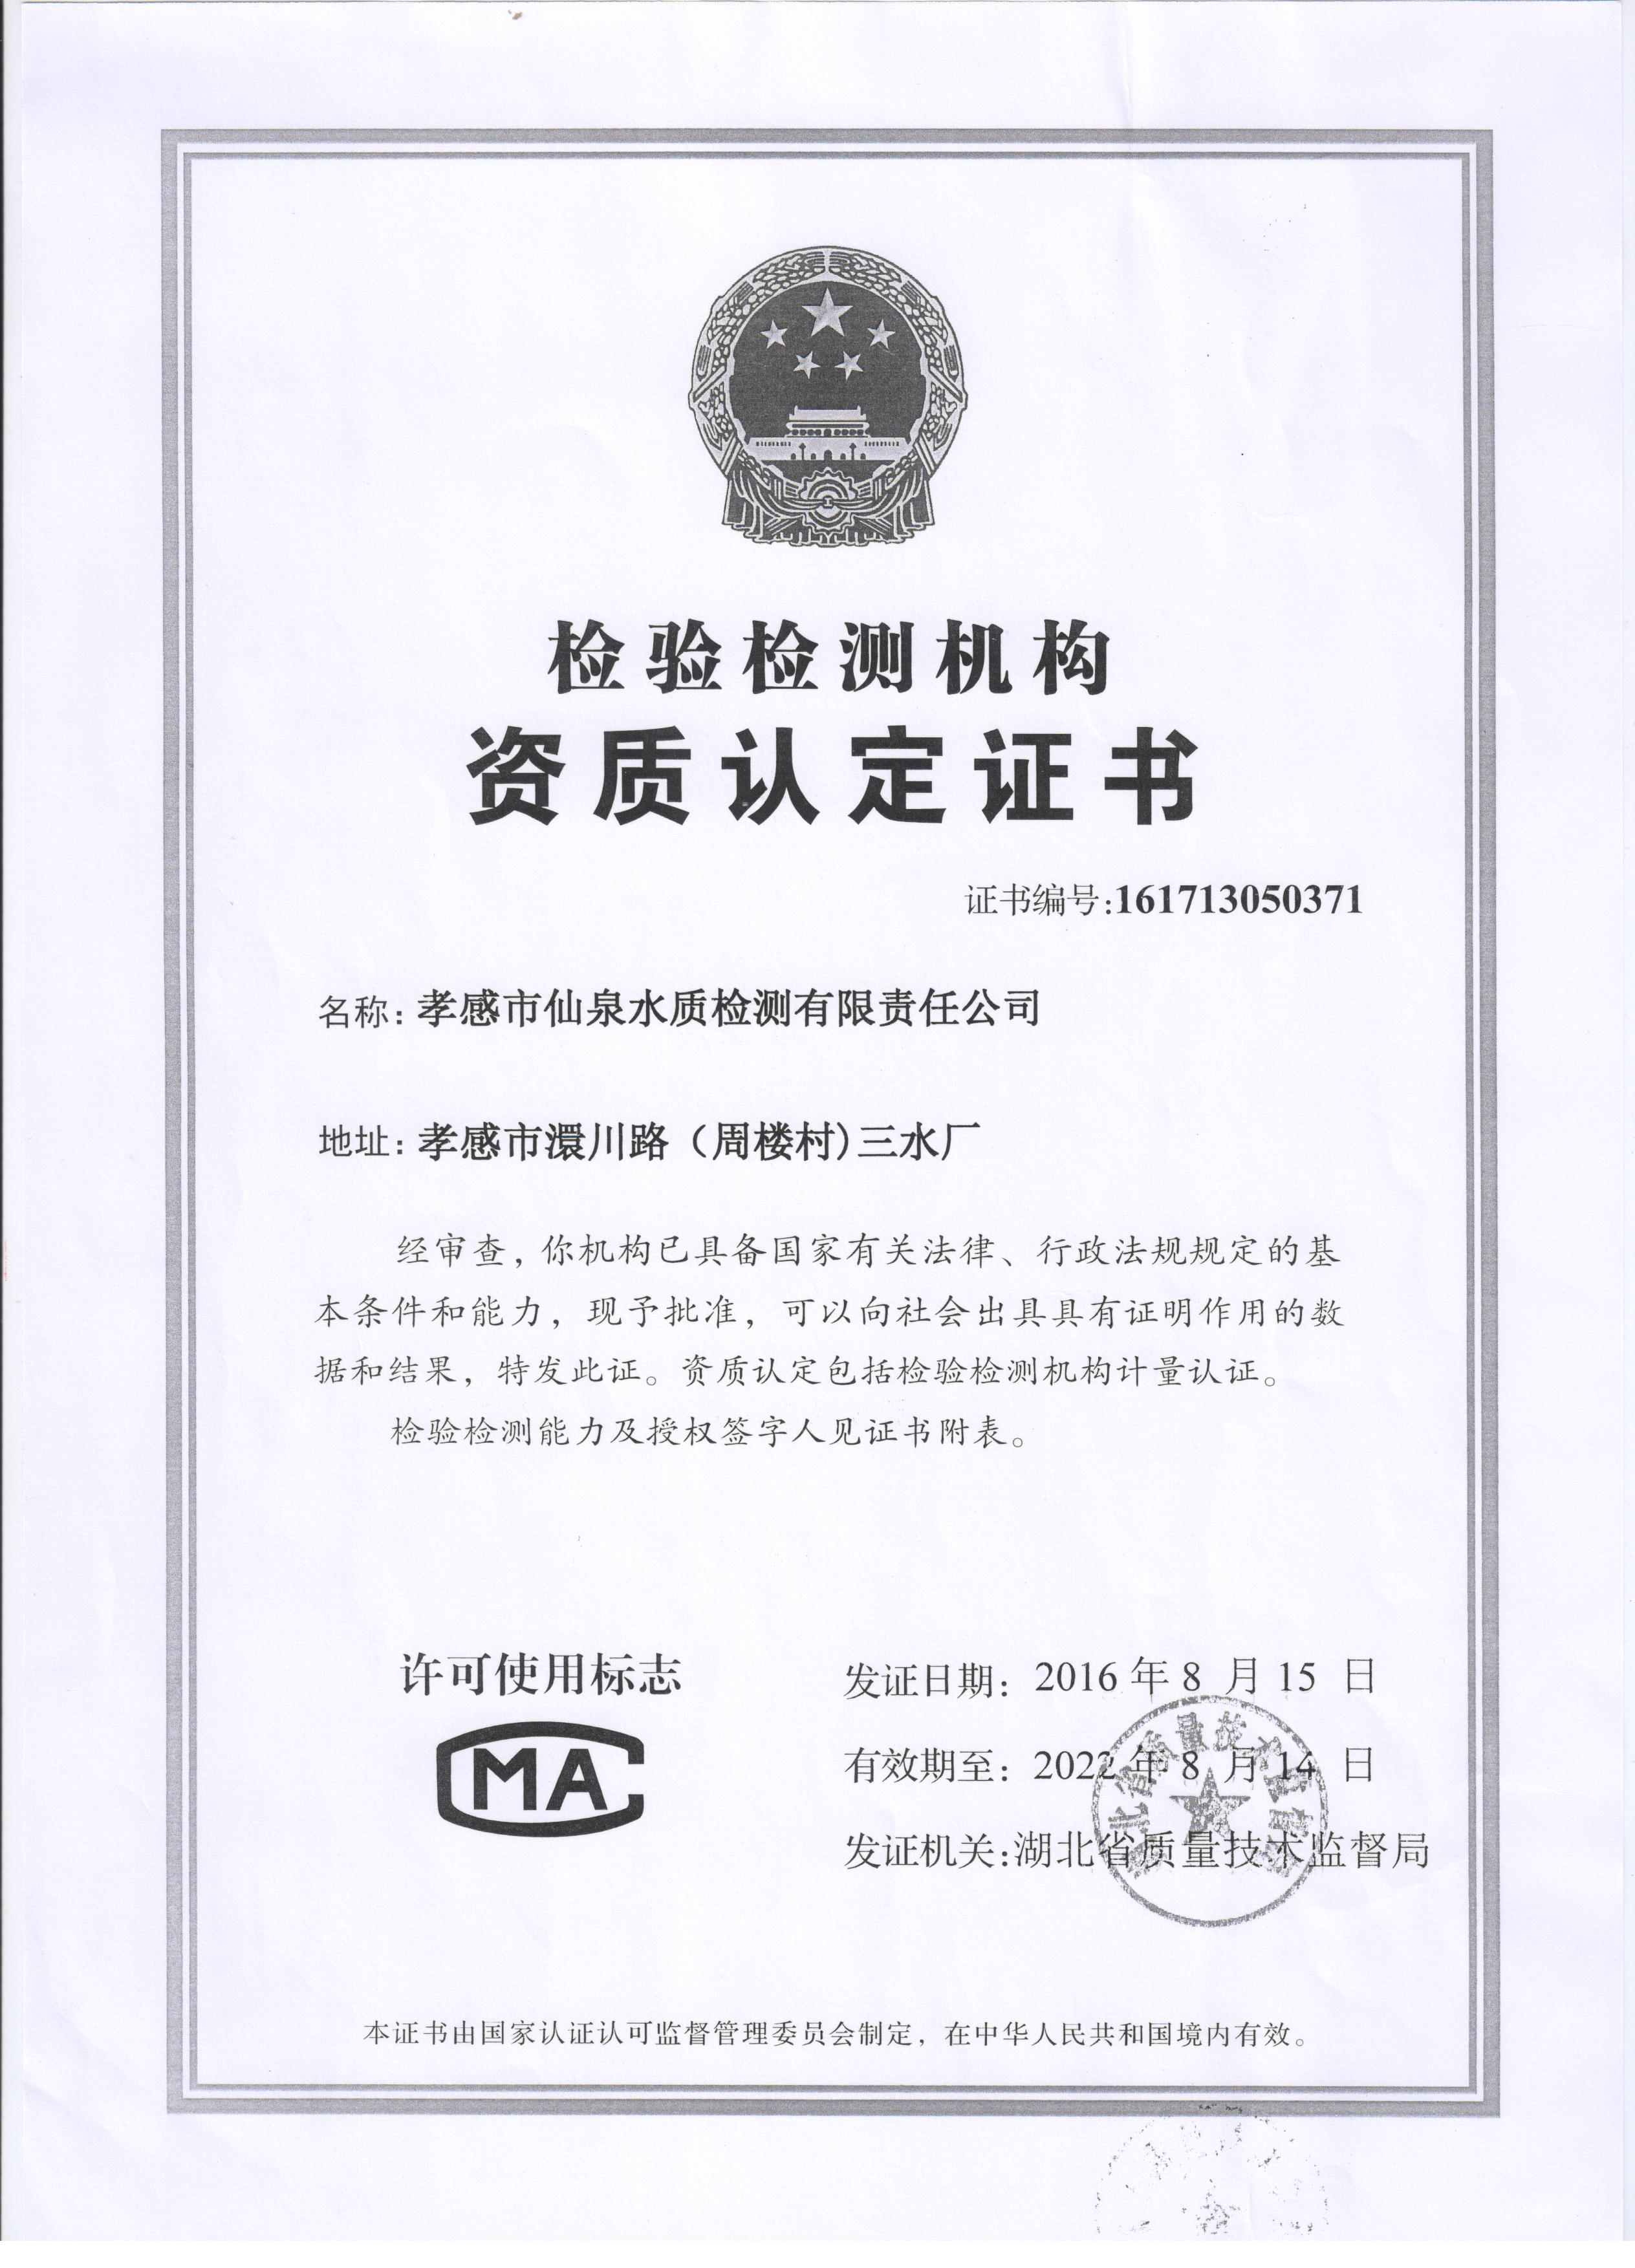 孝感市仙泉水质检测公司顺利通过省级计量认证